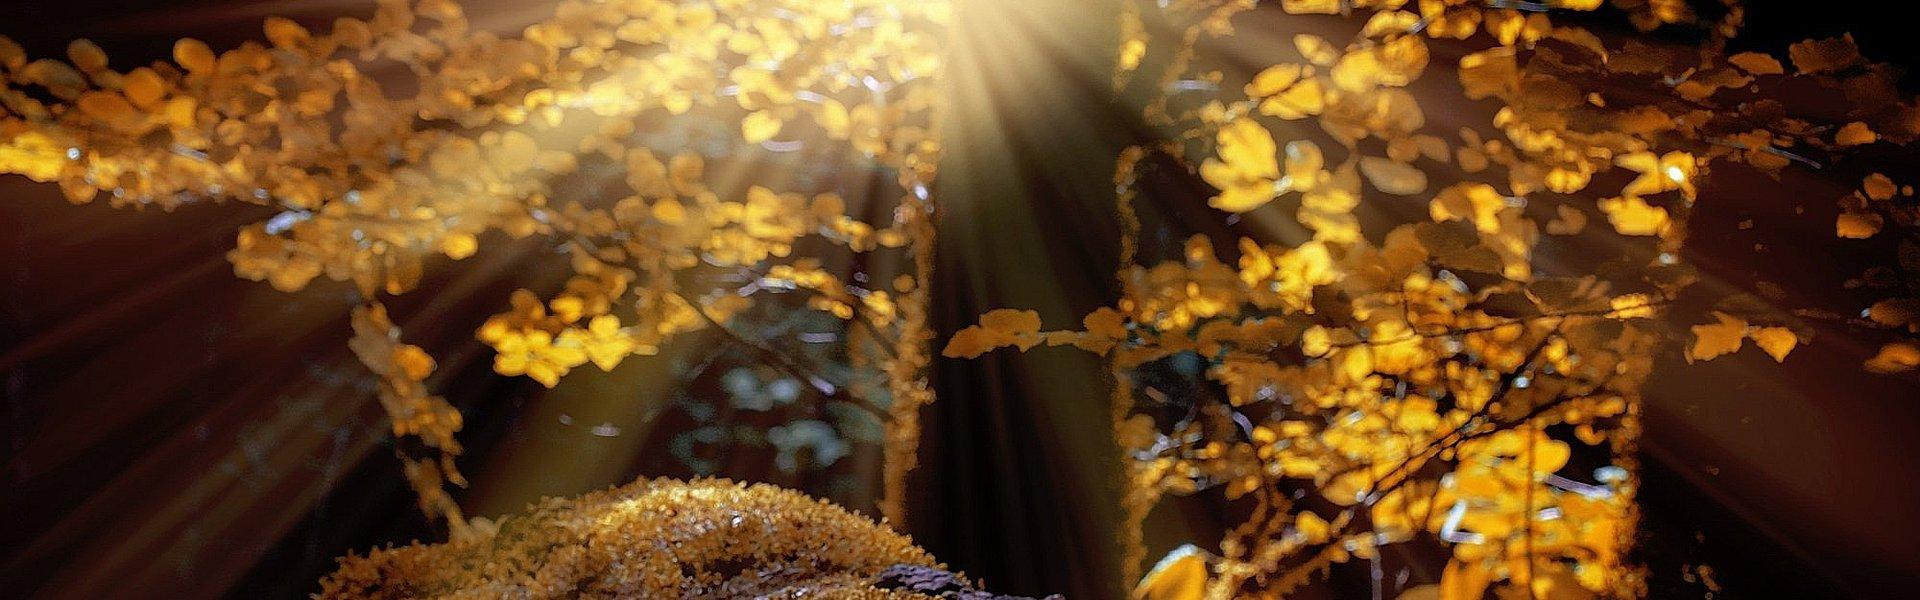 Bos in de herfst bij de column 'Alle goeds' van Paul Schrijft